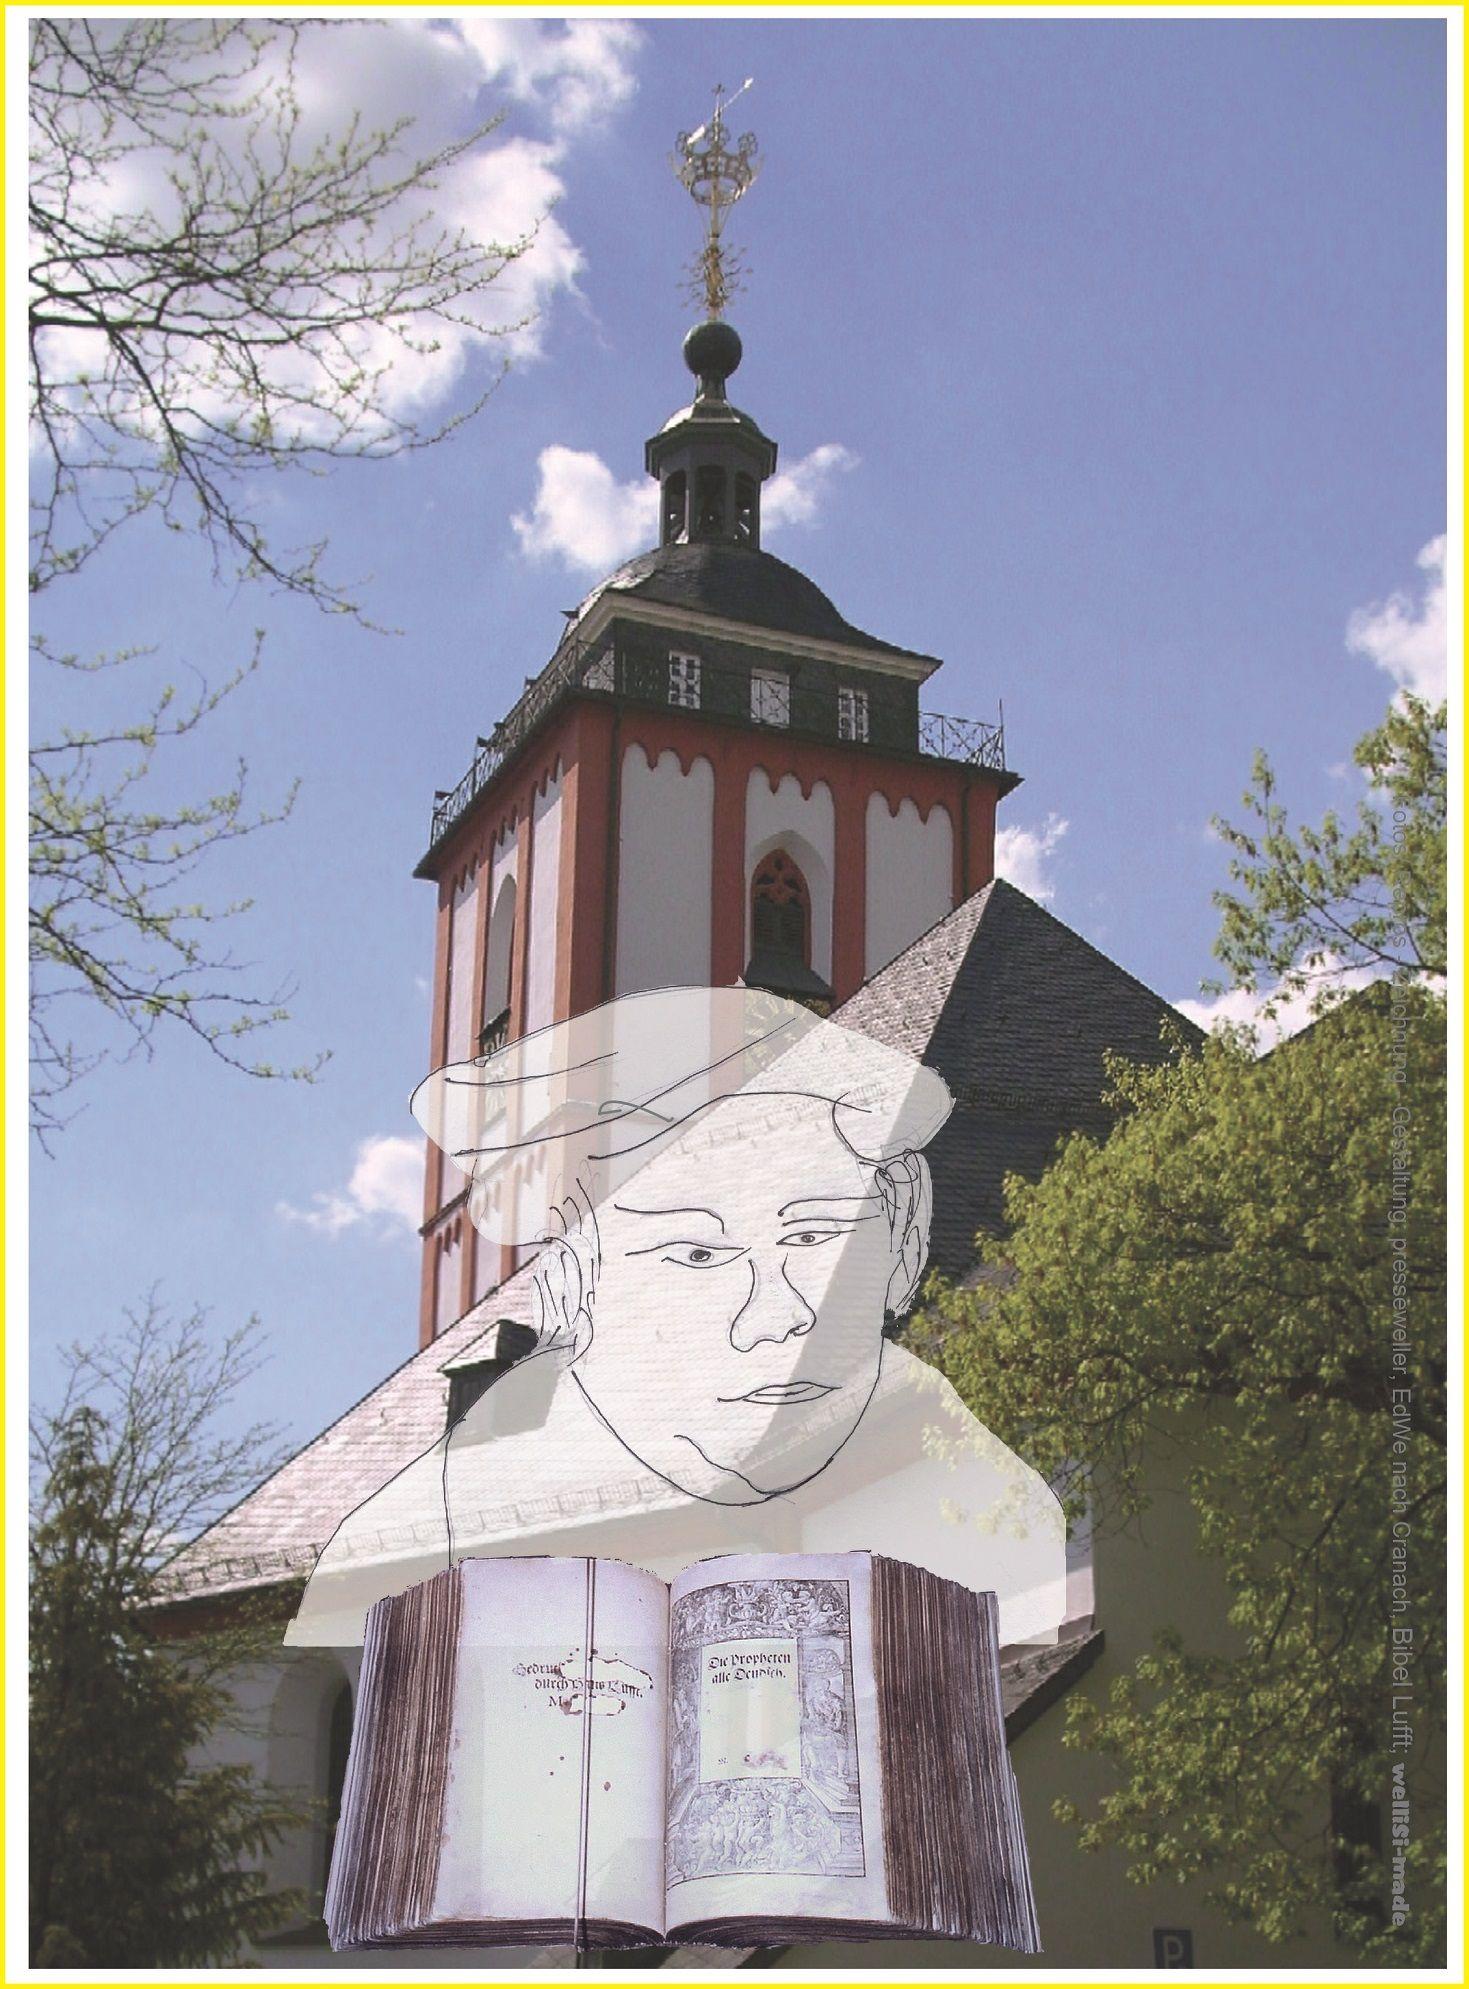 Reformation, 500-jähriges Jubiläum am 31. Oktober 2017. Martin Luthers Reformation wirkte sich auch im Siegerland aus. Großer Bericht mit Fotos dazu auf www.buch-juwel.de abrufbar.